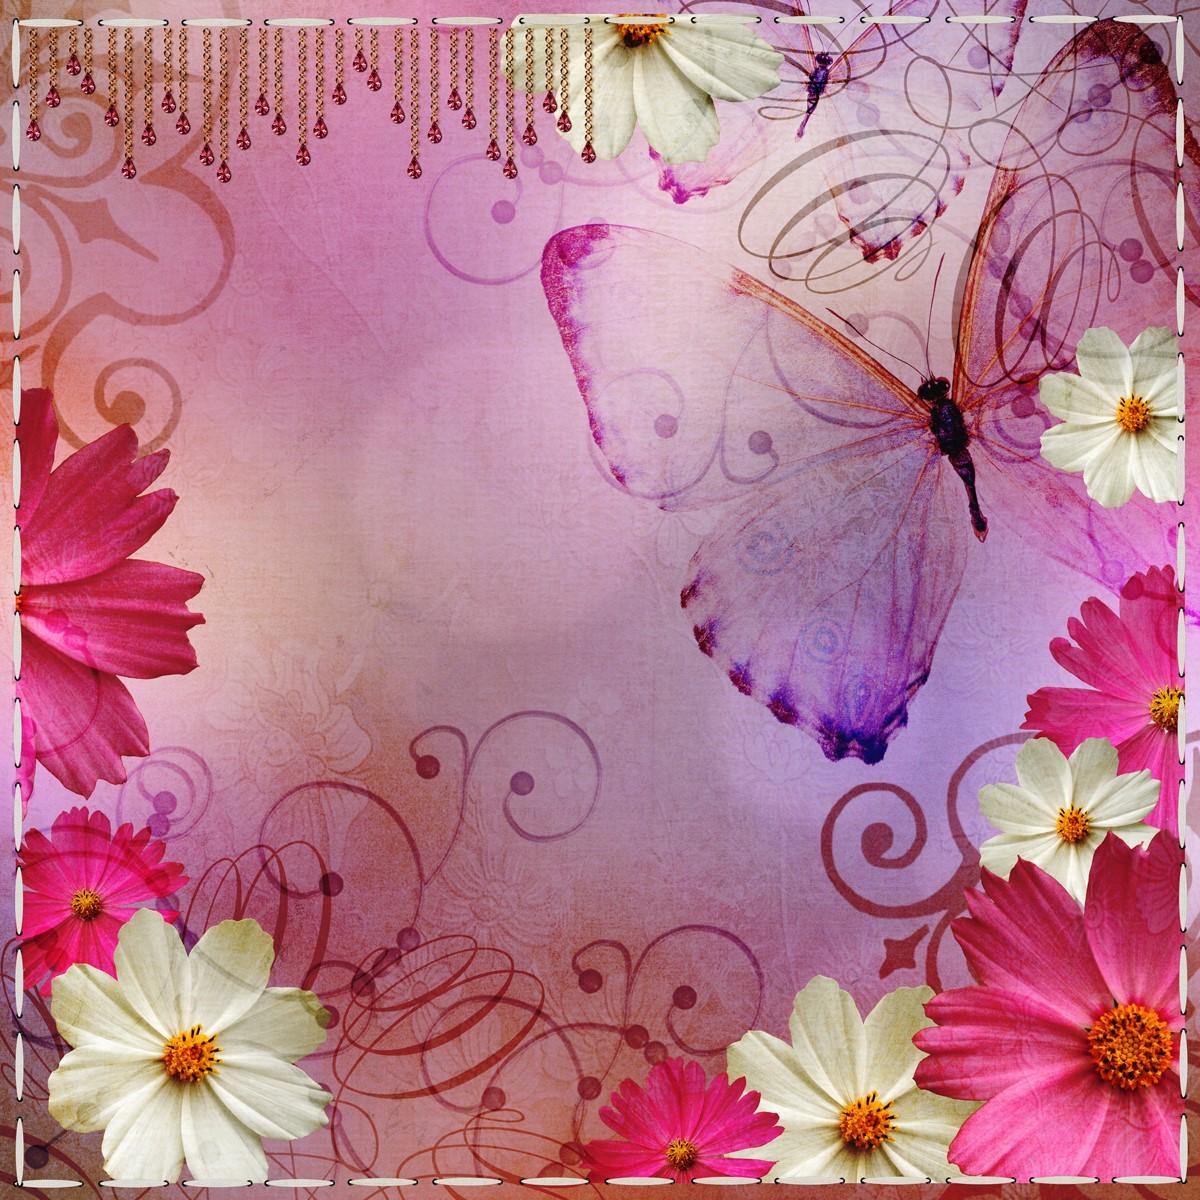 Stickers meubles ikea stickers meubles ikea papillon et - Image papillon et fleur ...